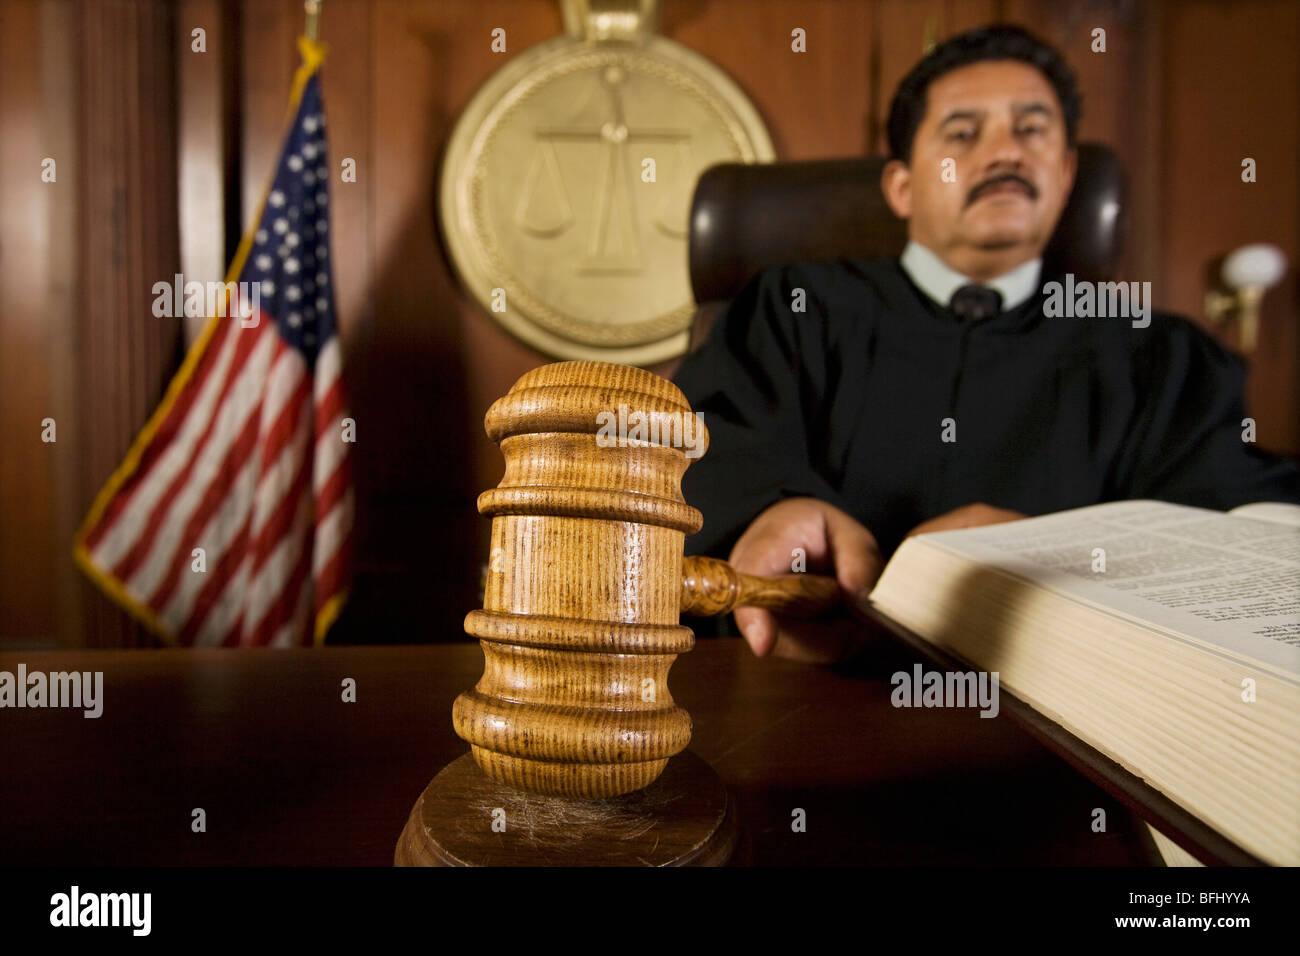 judge using gavel in court stock photo 26825326 alamy